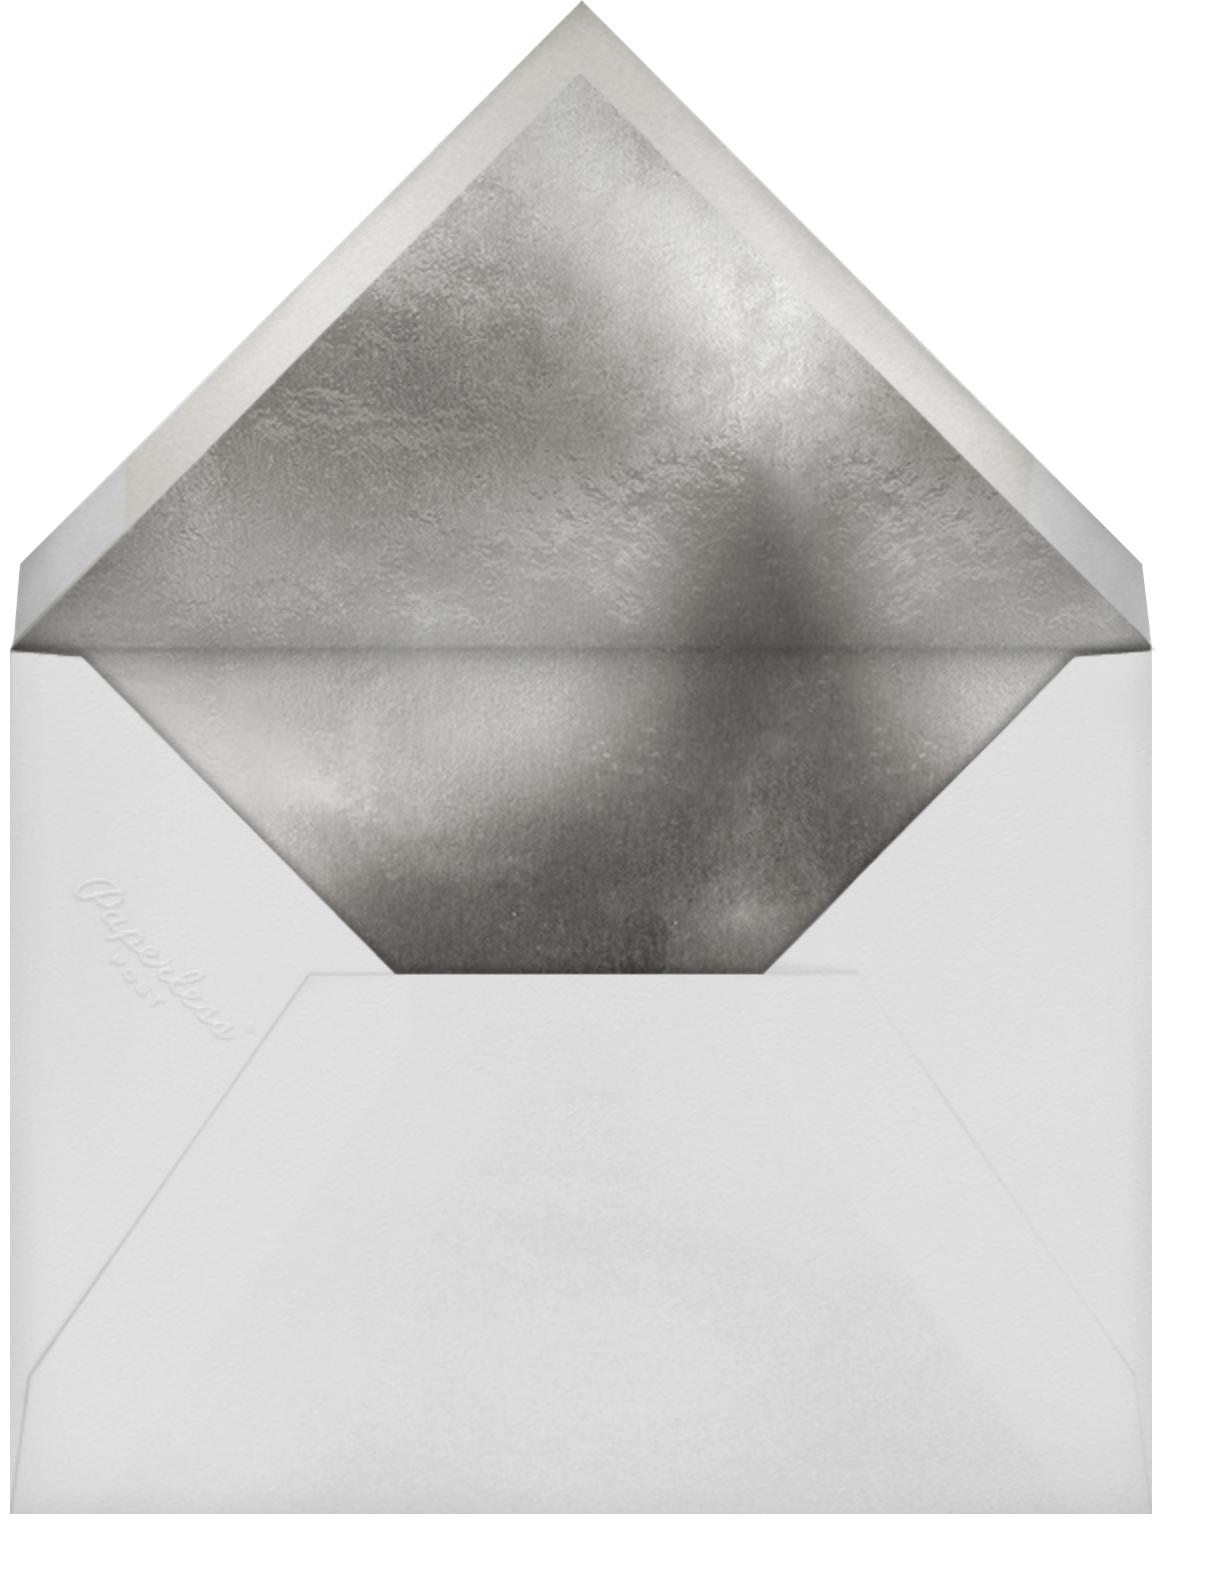 Frosted Photo - White/Silver - Kelly Wearstler - Hanukkah - envelope back